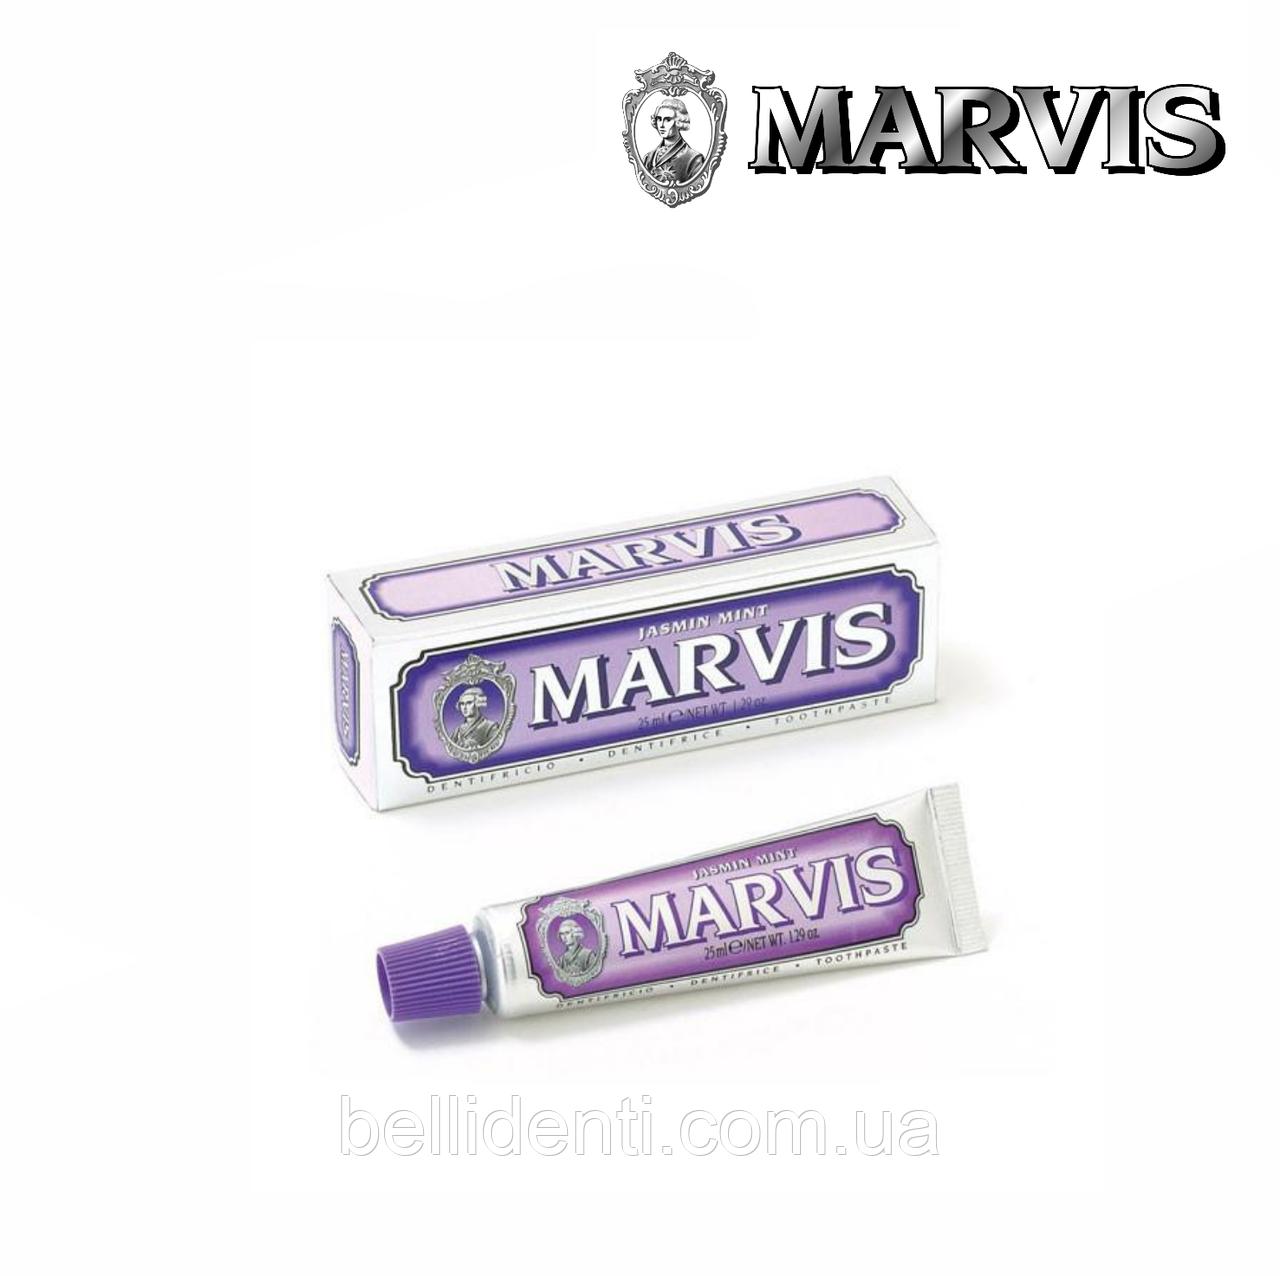 """Зубная паста Marvis """"Жасмин-мята"""", 25 мл"""